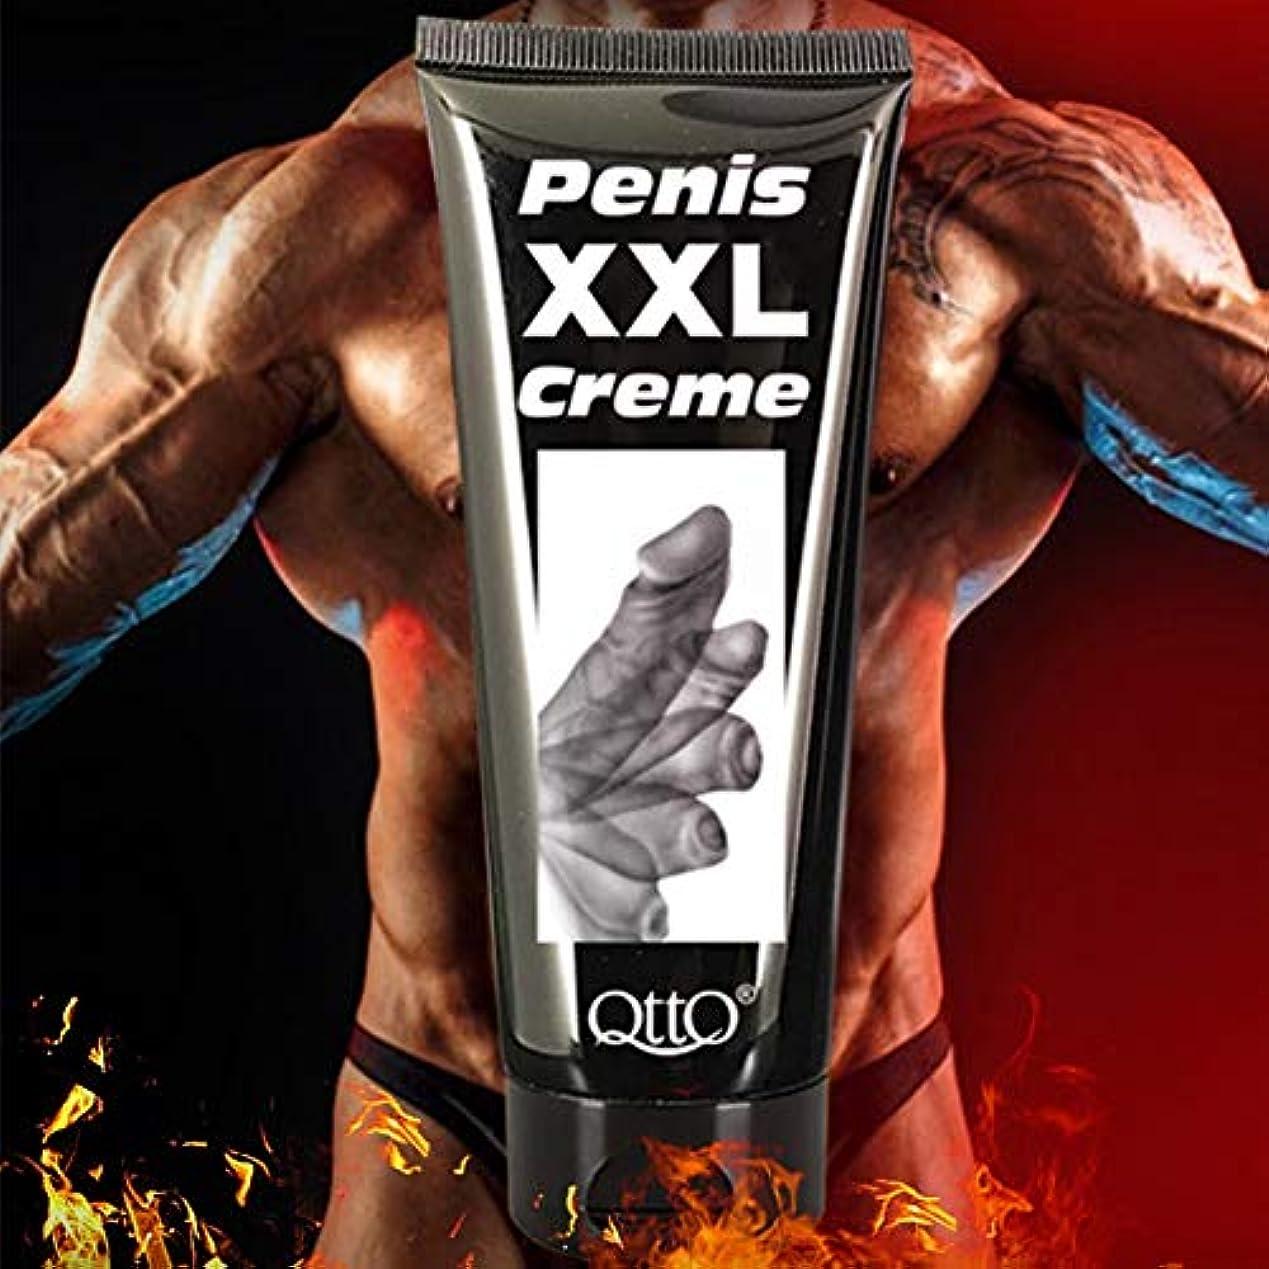 貸すグレートオーク一族Balai 男性用 ペニス拡大 クリームビッグディック 濃厚化成長強化パフォーマンス セックス製品